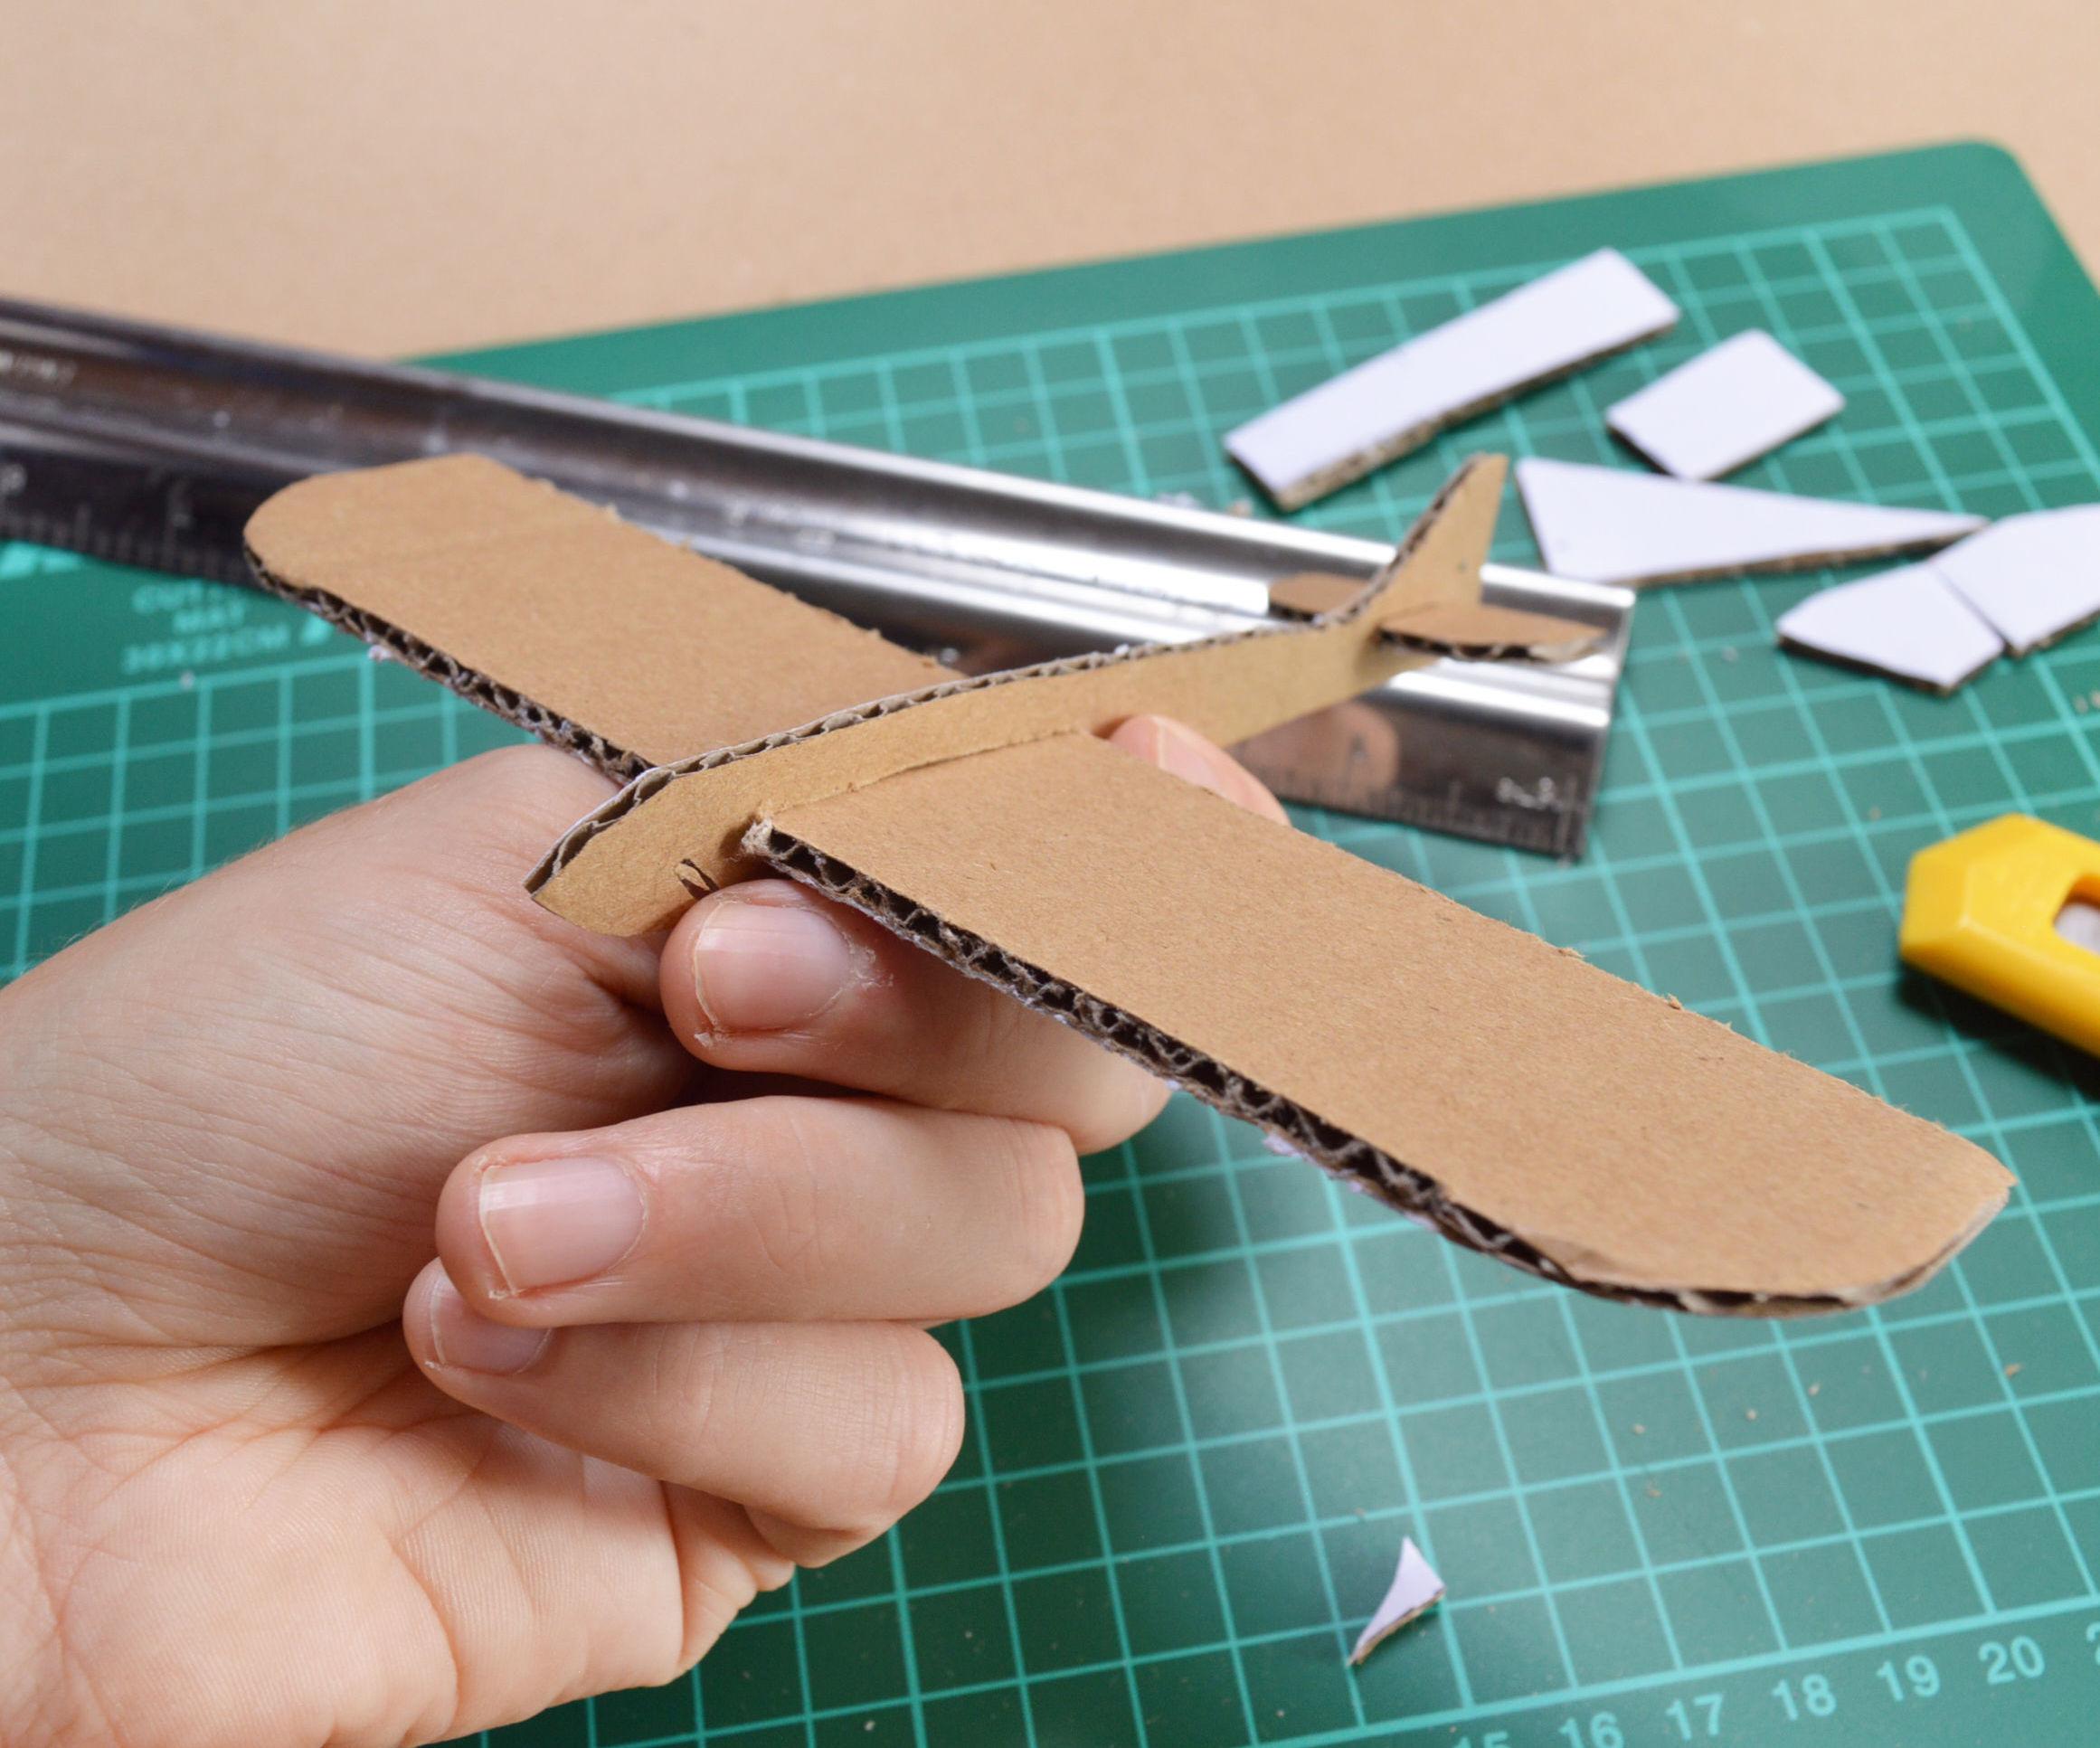 DIY Glider